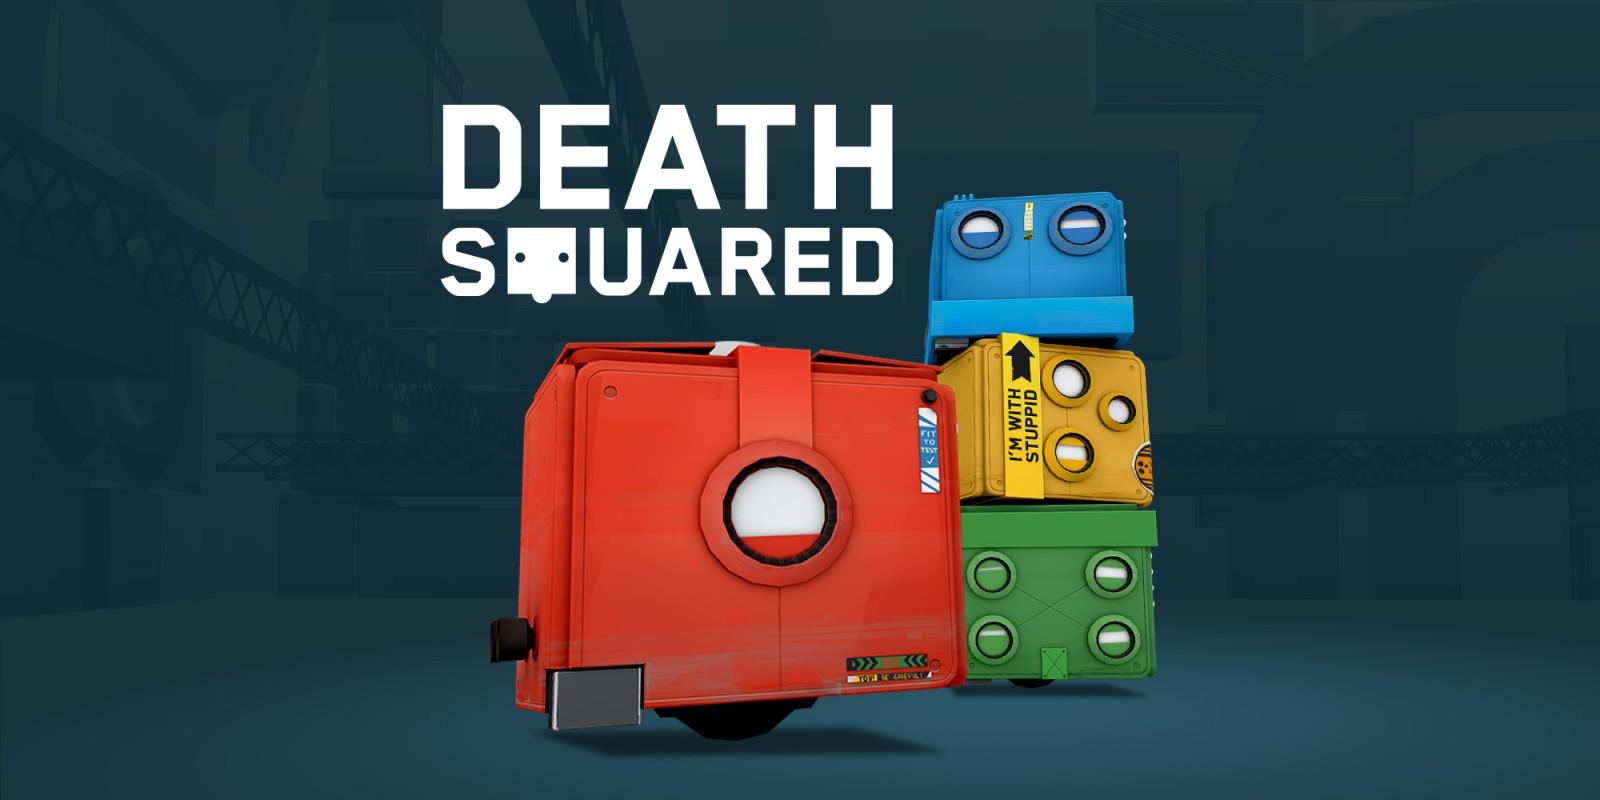 Resultado de imagen para death squared images